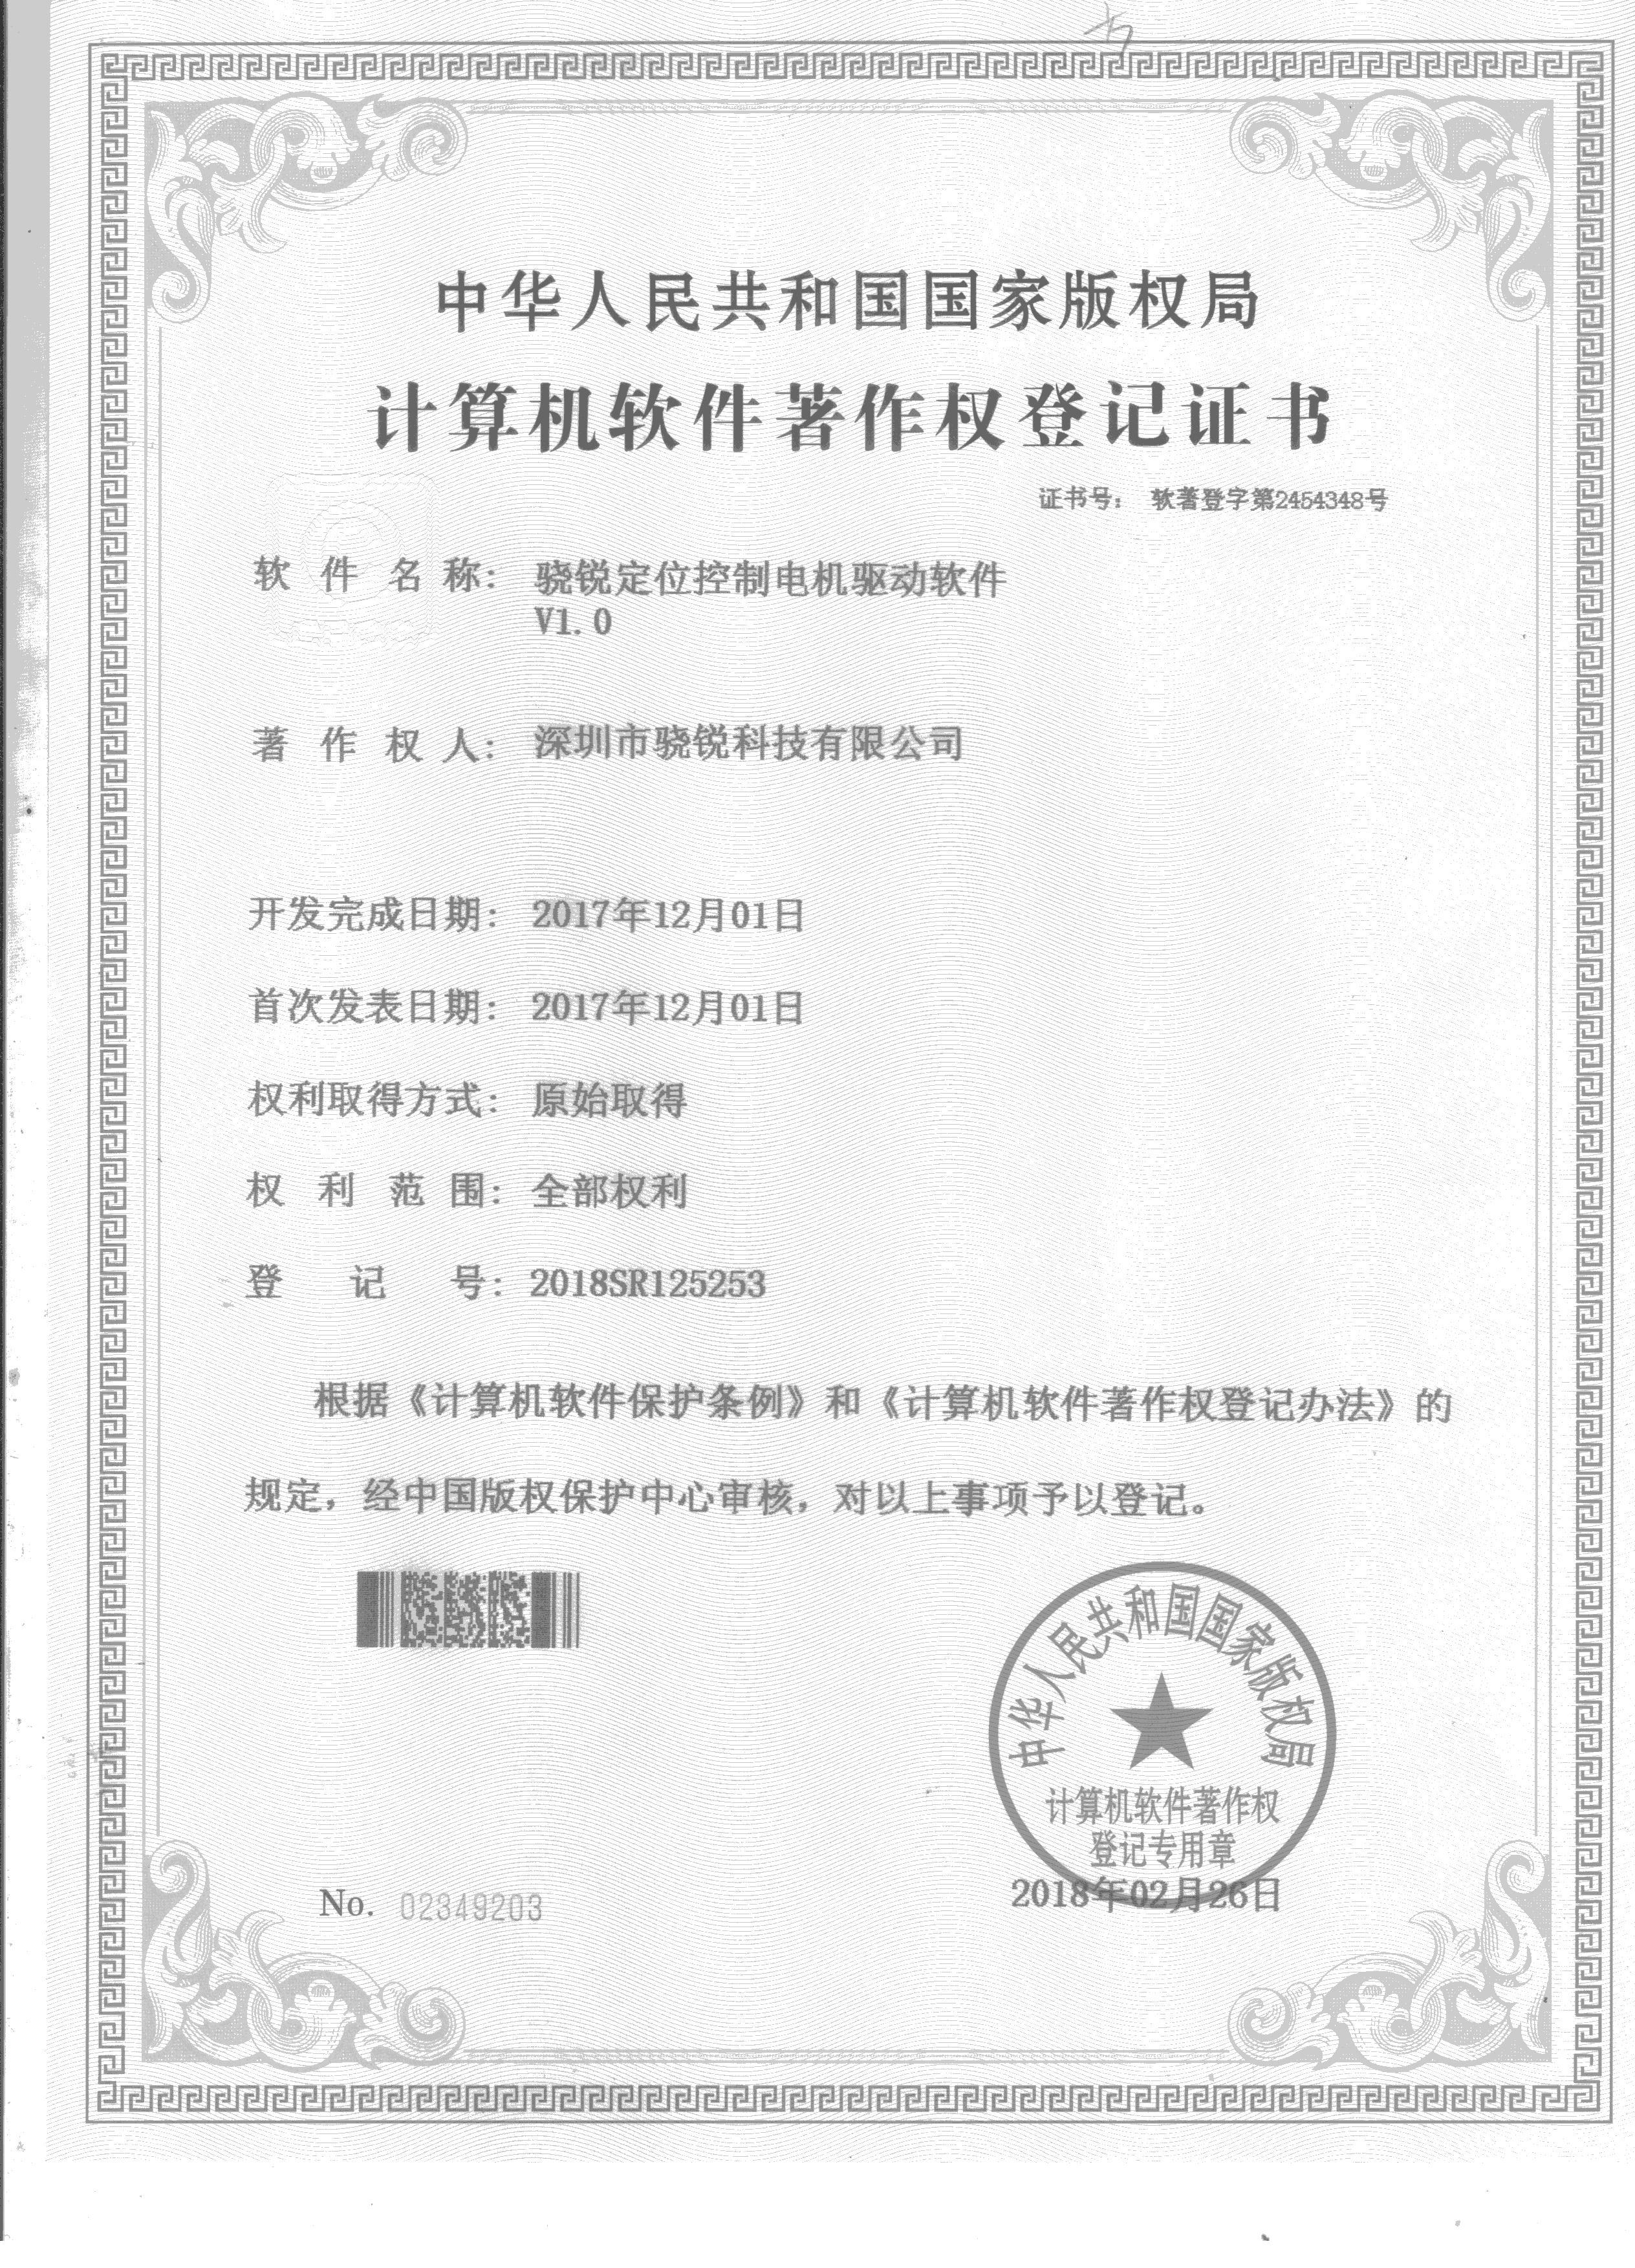 骁锐定位控制电机驱动软件著作权证书